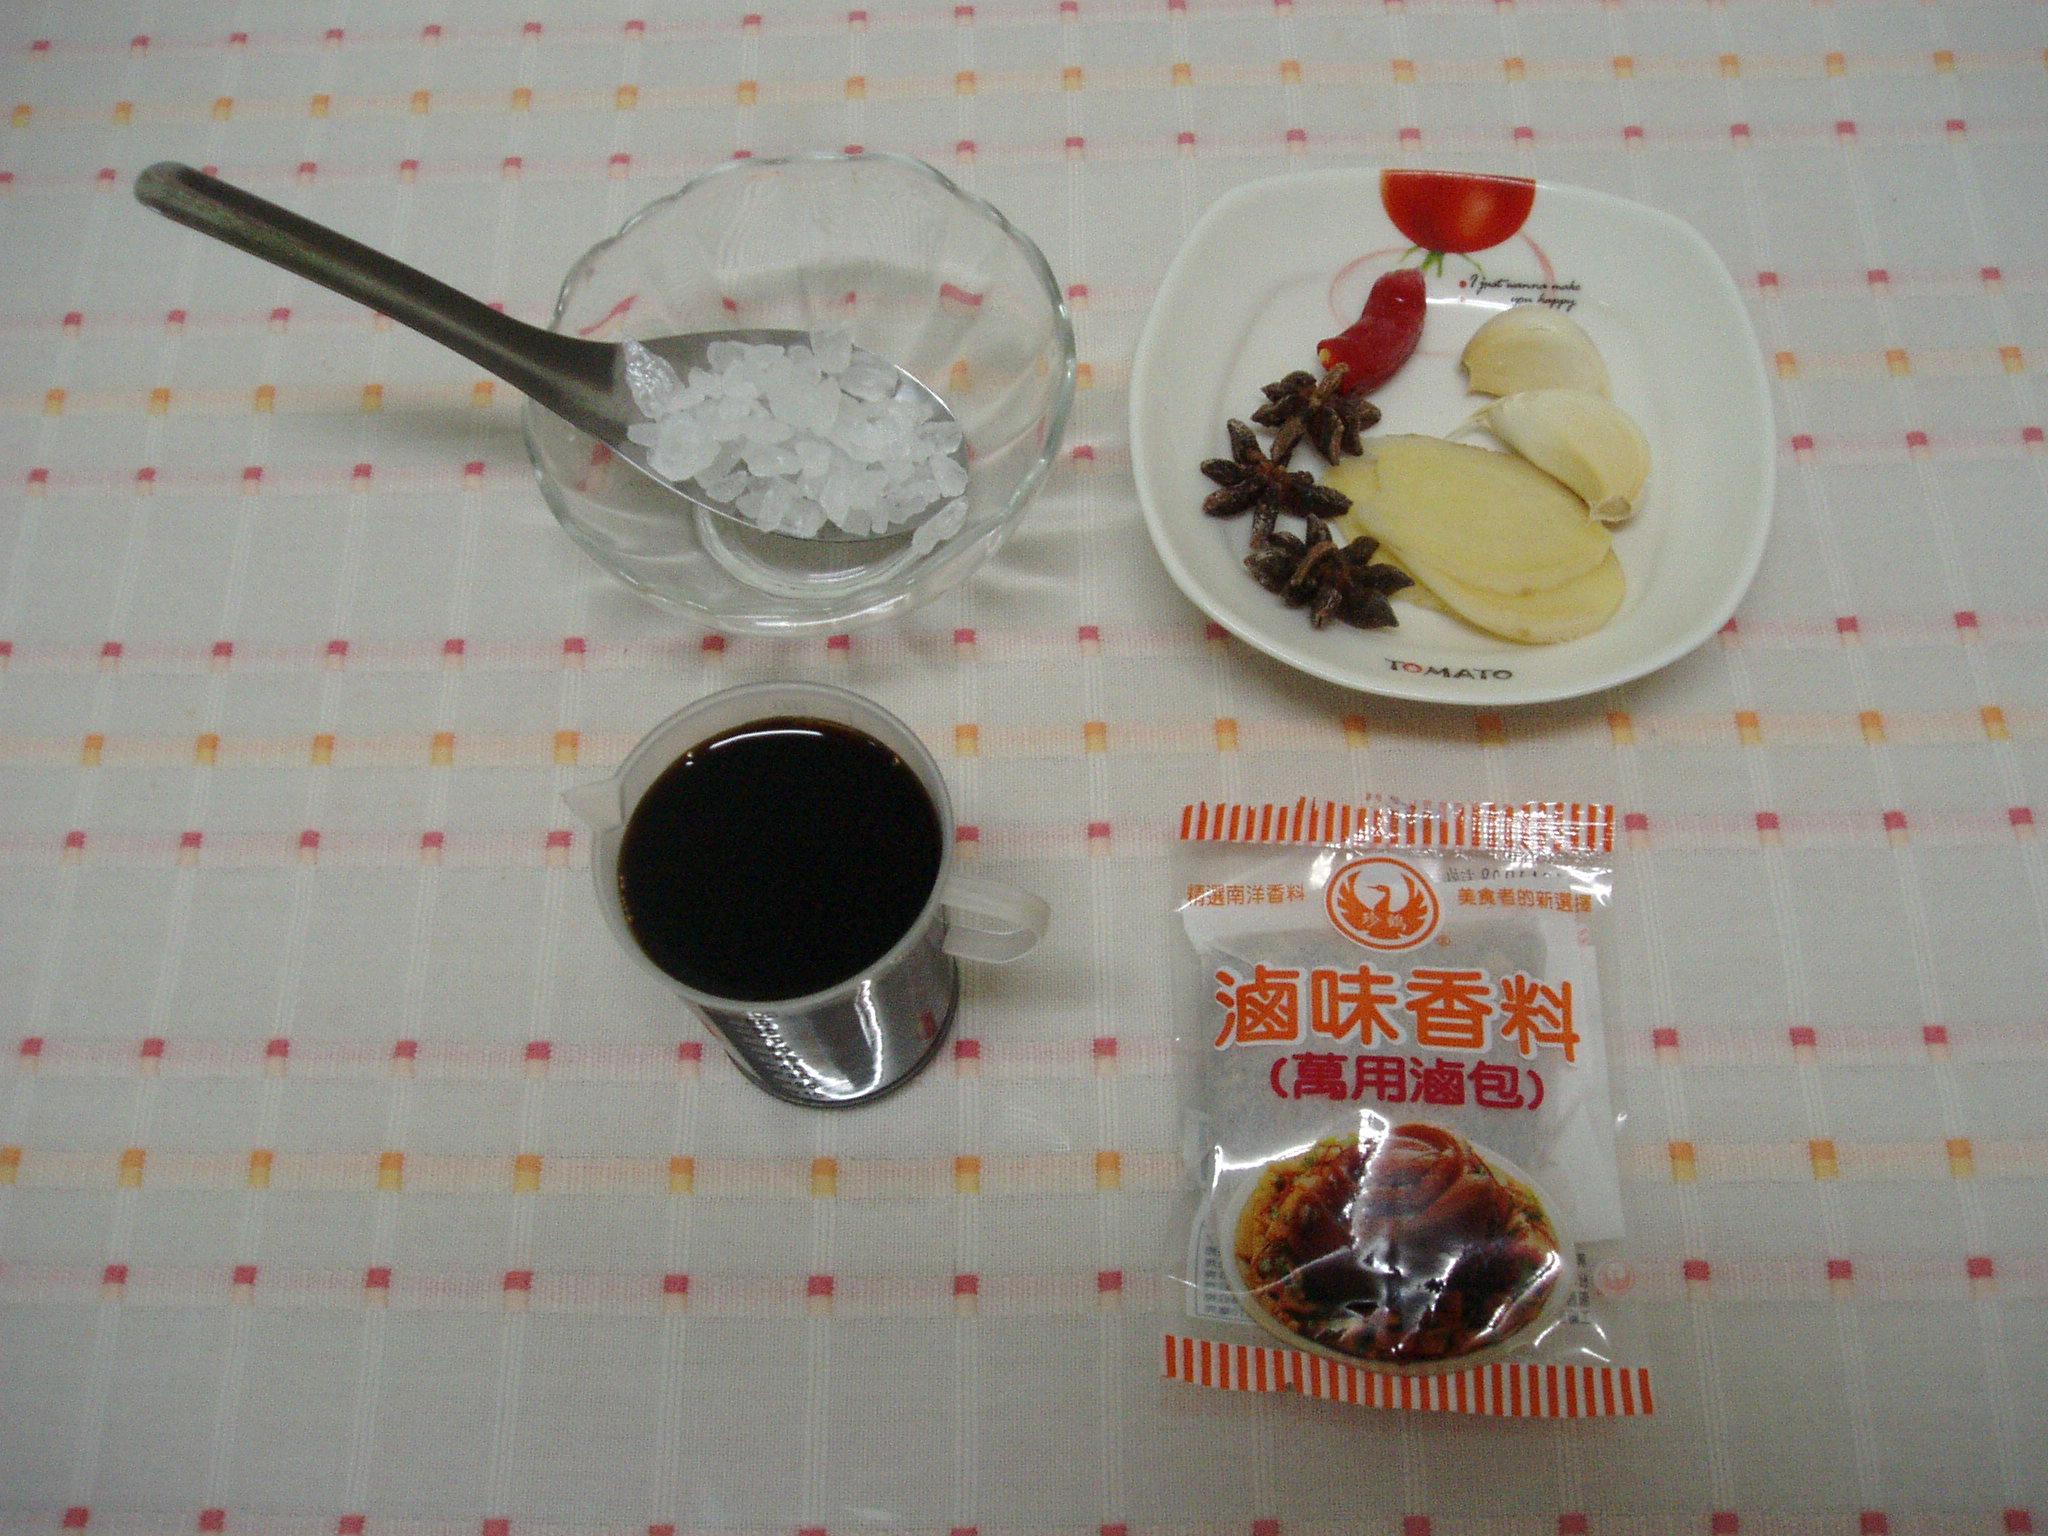 滷汁的食材有八角、薑片、蒜頭、滷包、冰糖等